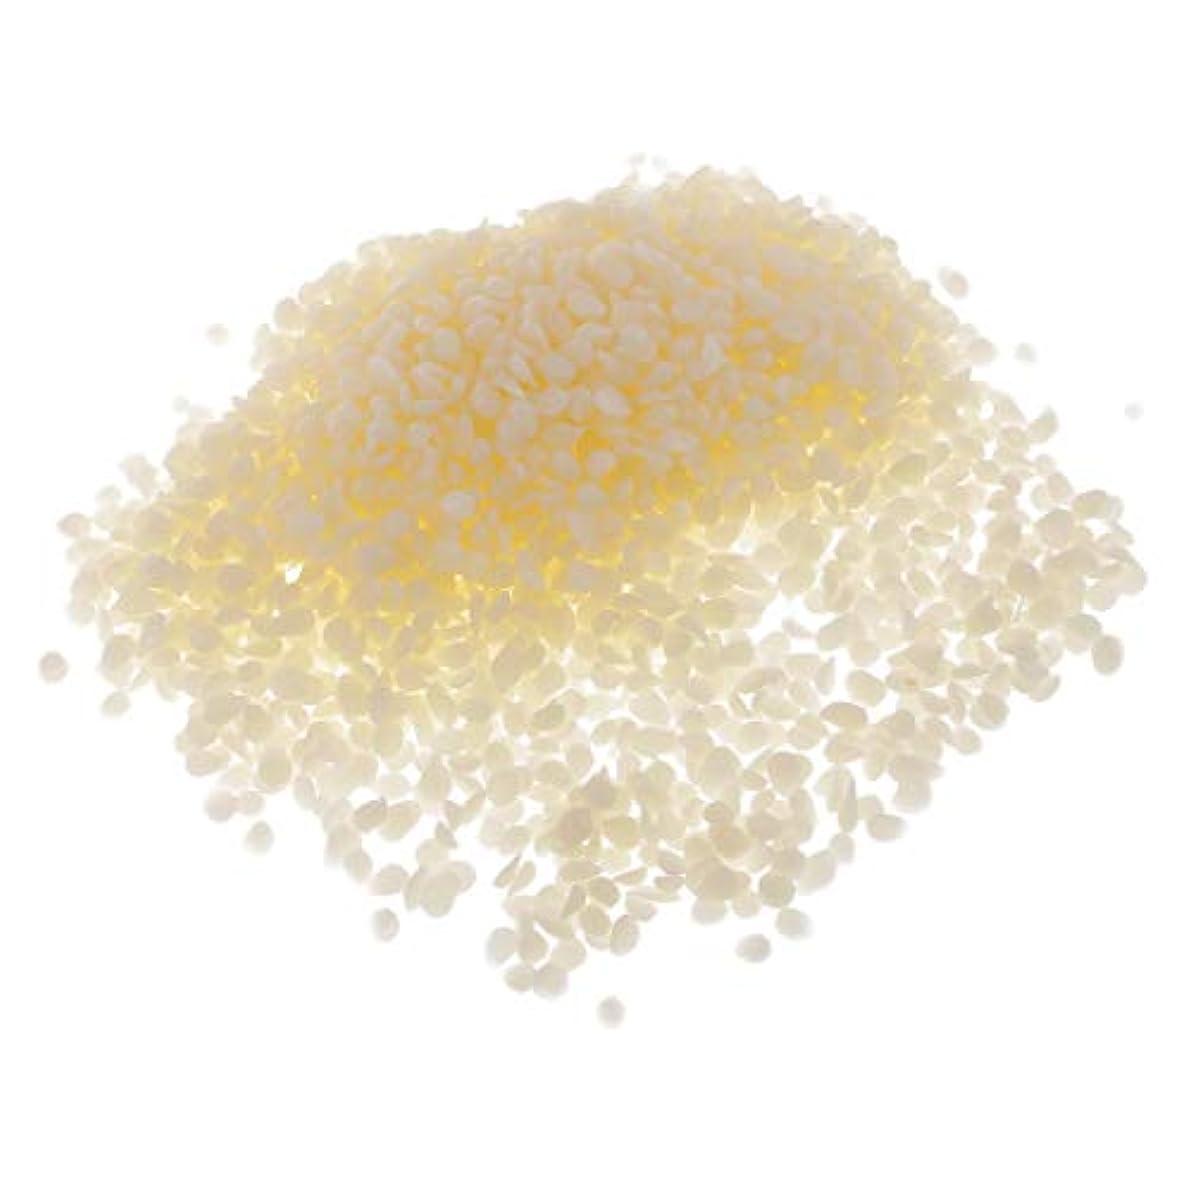 キロメートル失われた受取人dailymall オーガニック ピュアホワイト ミツロウ ペレット 粒状 リップクリーム 化粧品原料 約100g